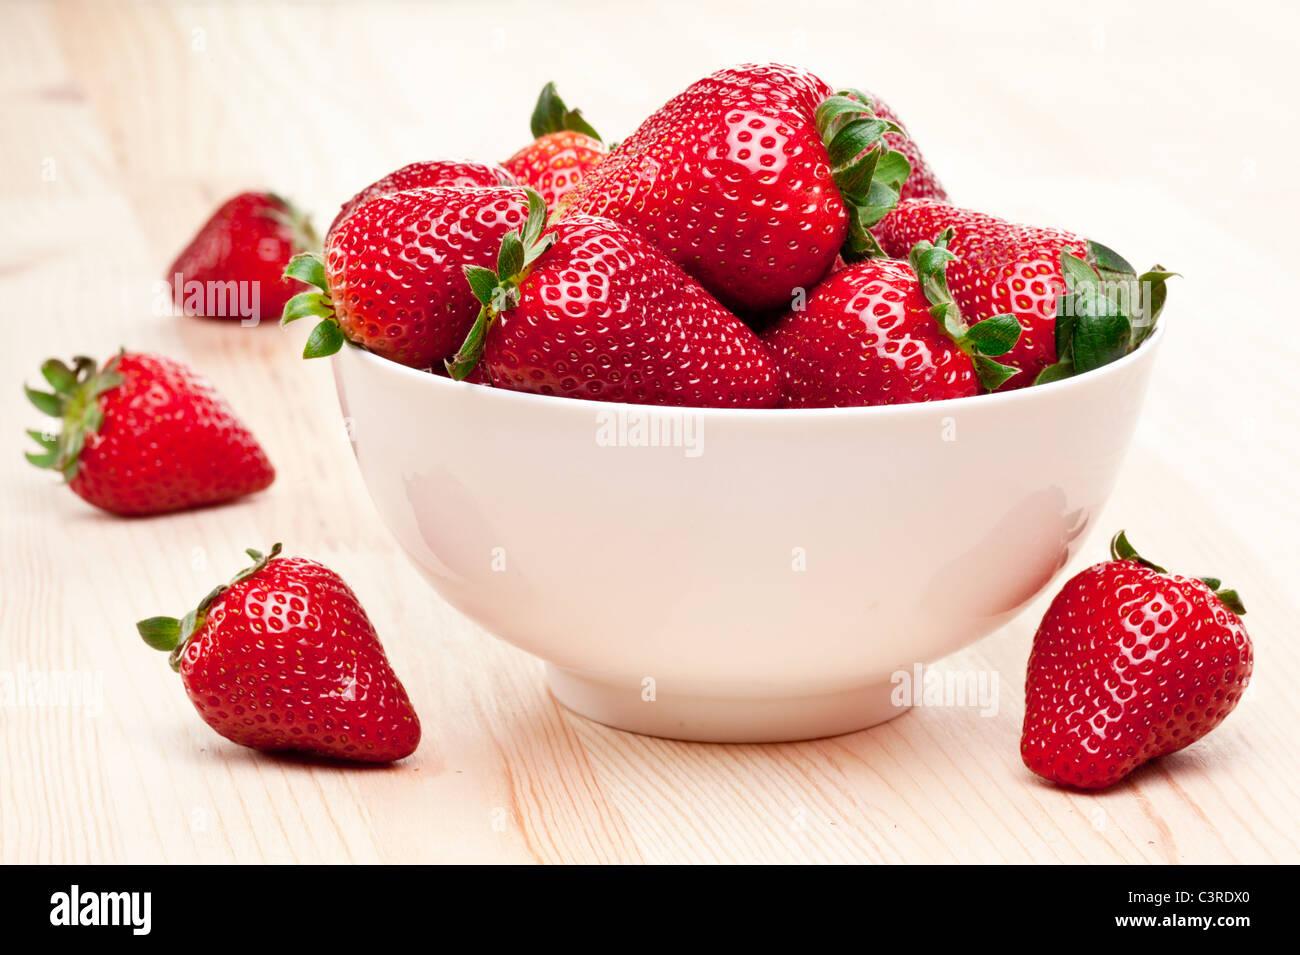 Leckeren Erdbeeren in die Schüssel. Stockbild